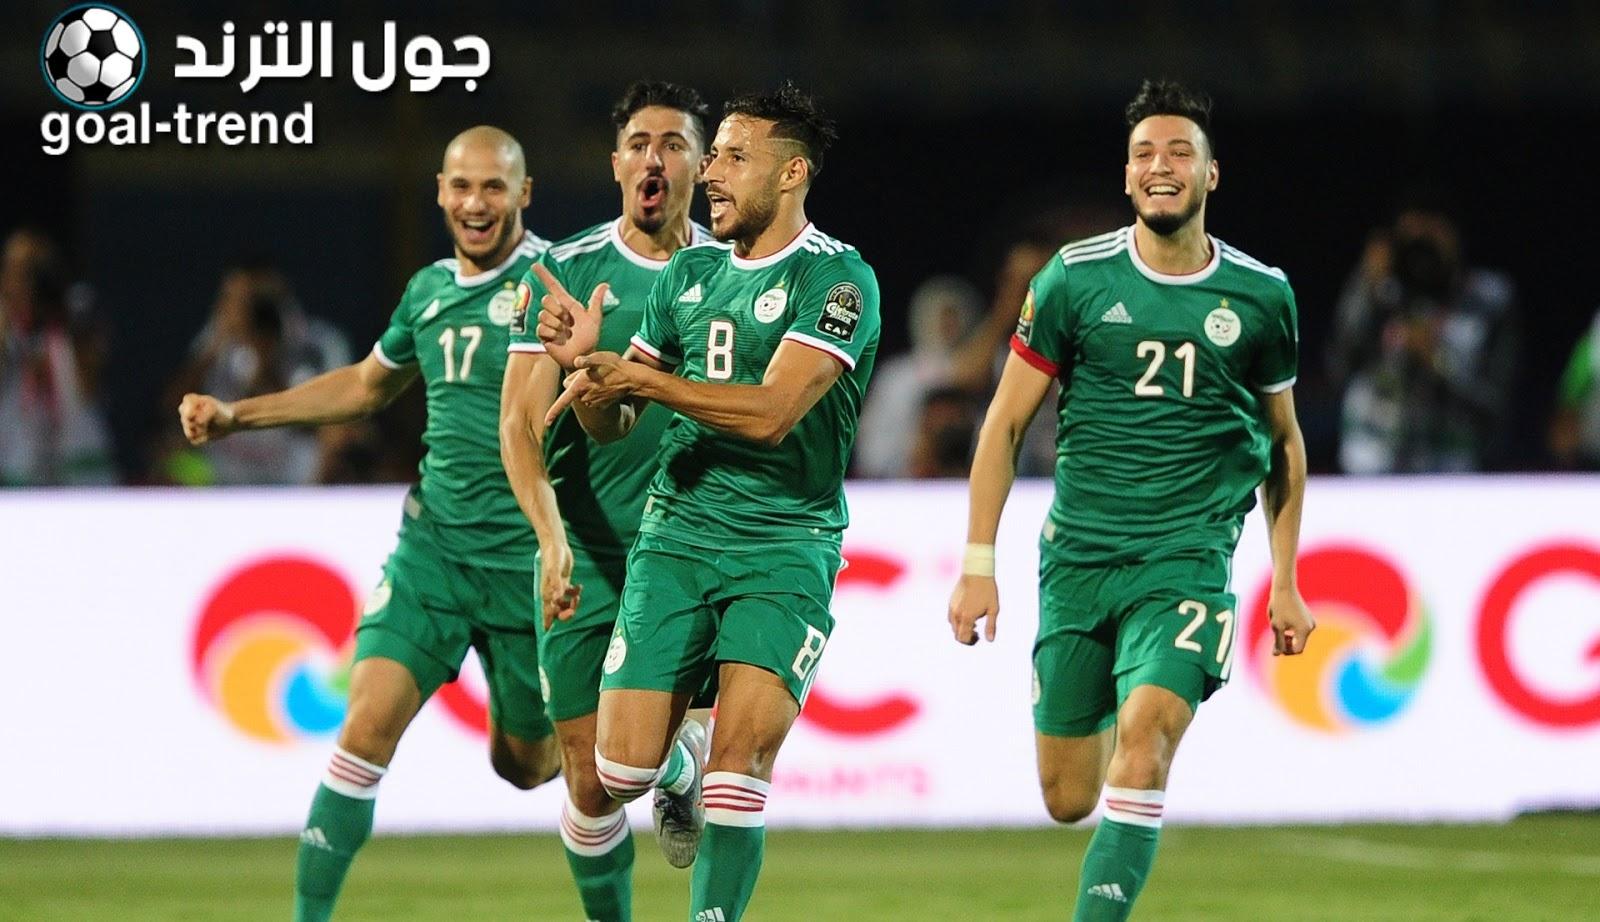 نتيجة مواجهة الجزائر وتنزانيافي كأس أمم أفريقيا